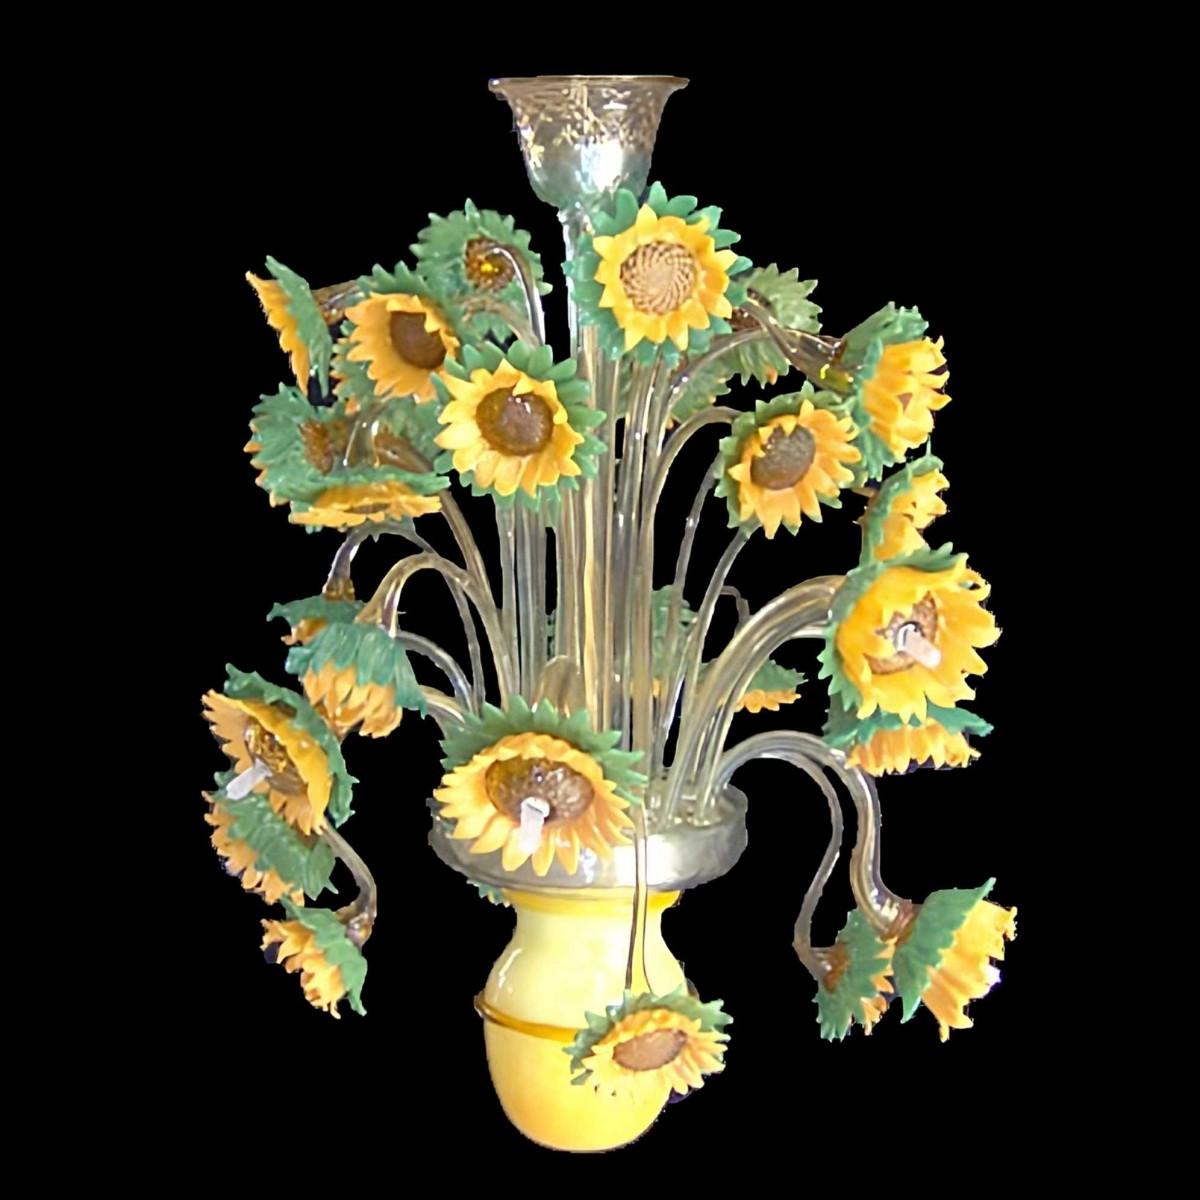 Girasoli (tournesol) Lustre en verre Murano 9 lumieres